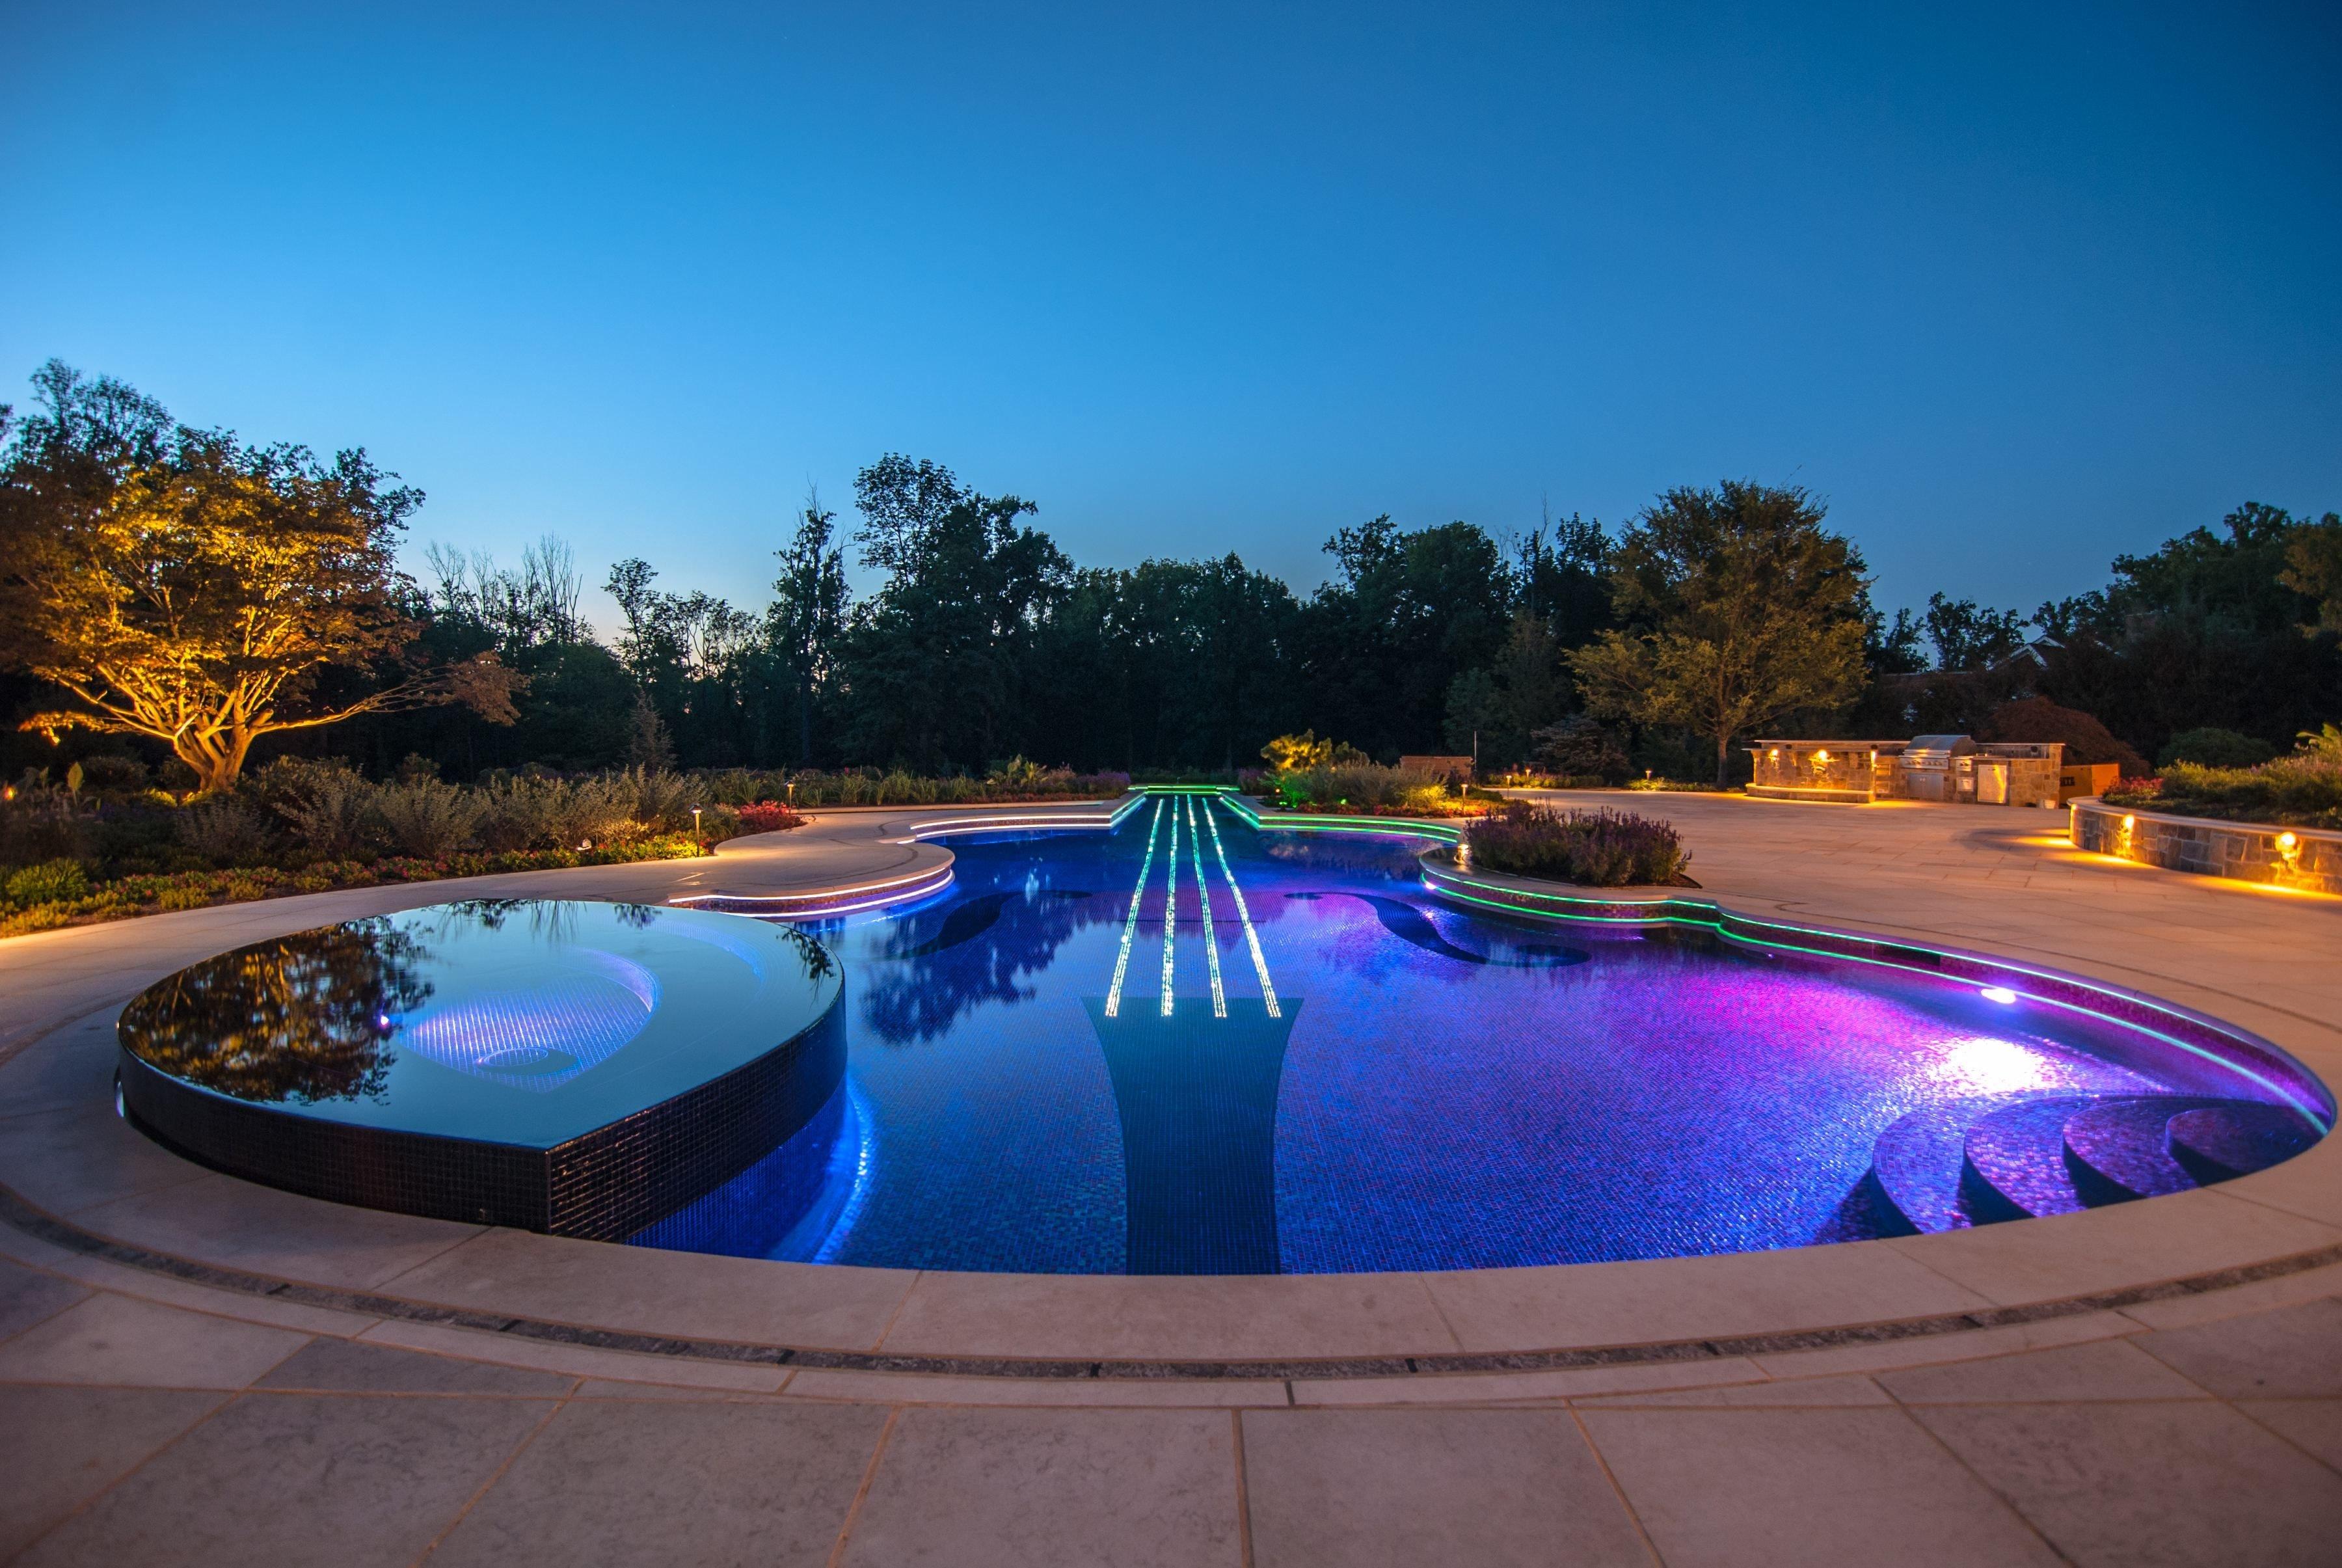 Bergen county nj landscape designer wins 2013 best gunite pool for Pool design images